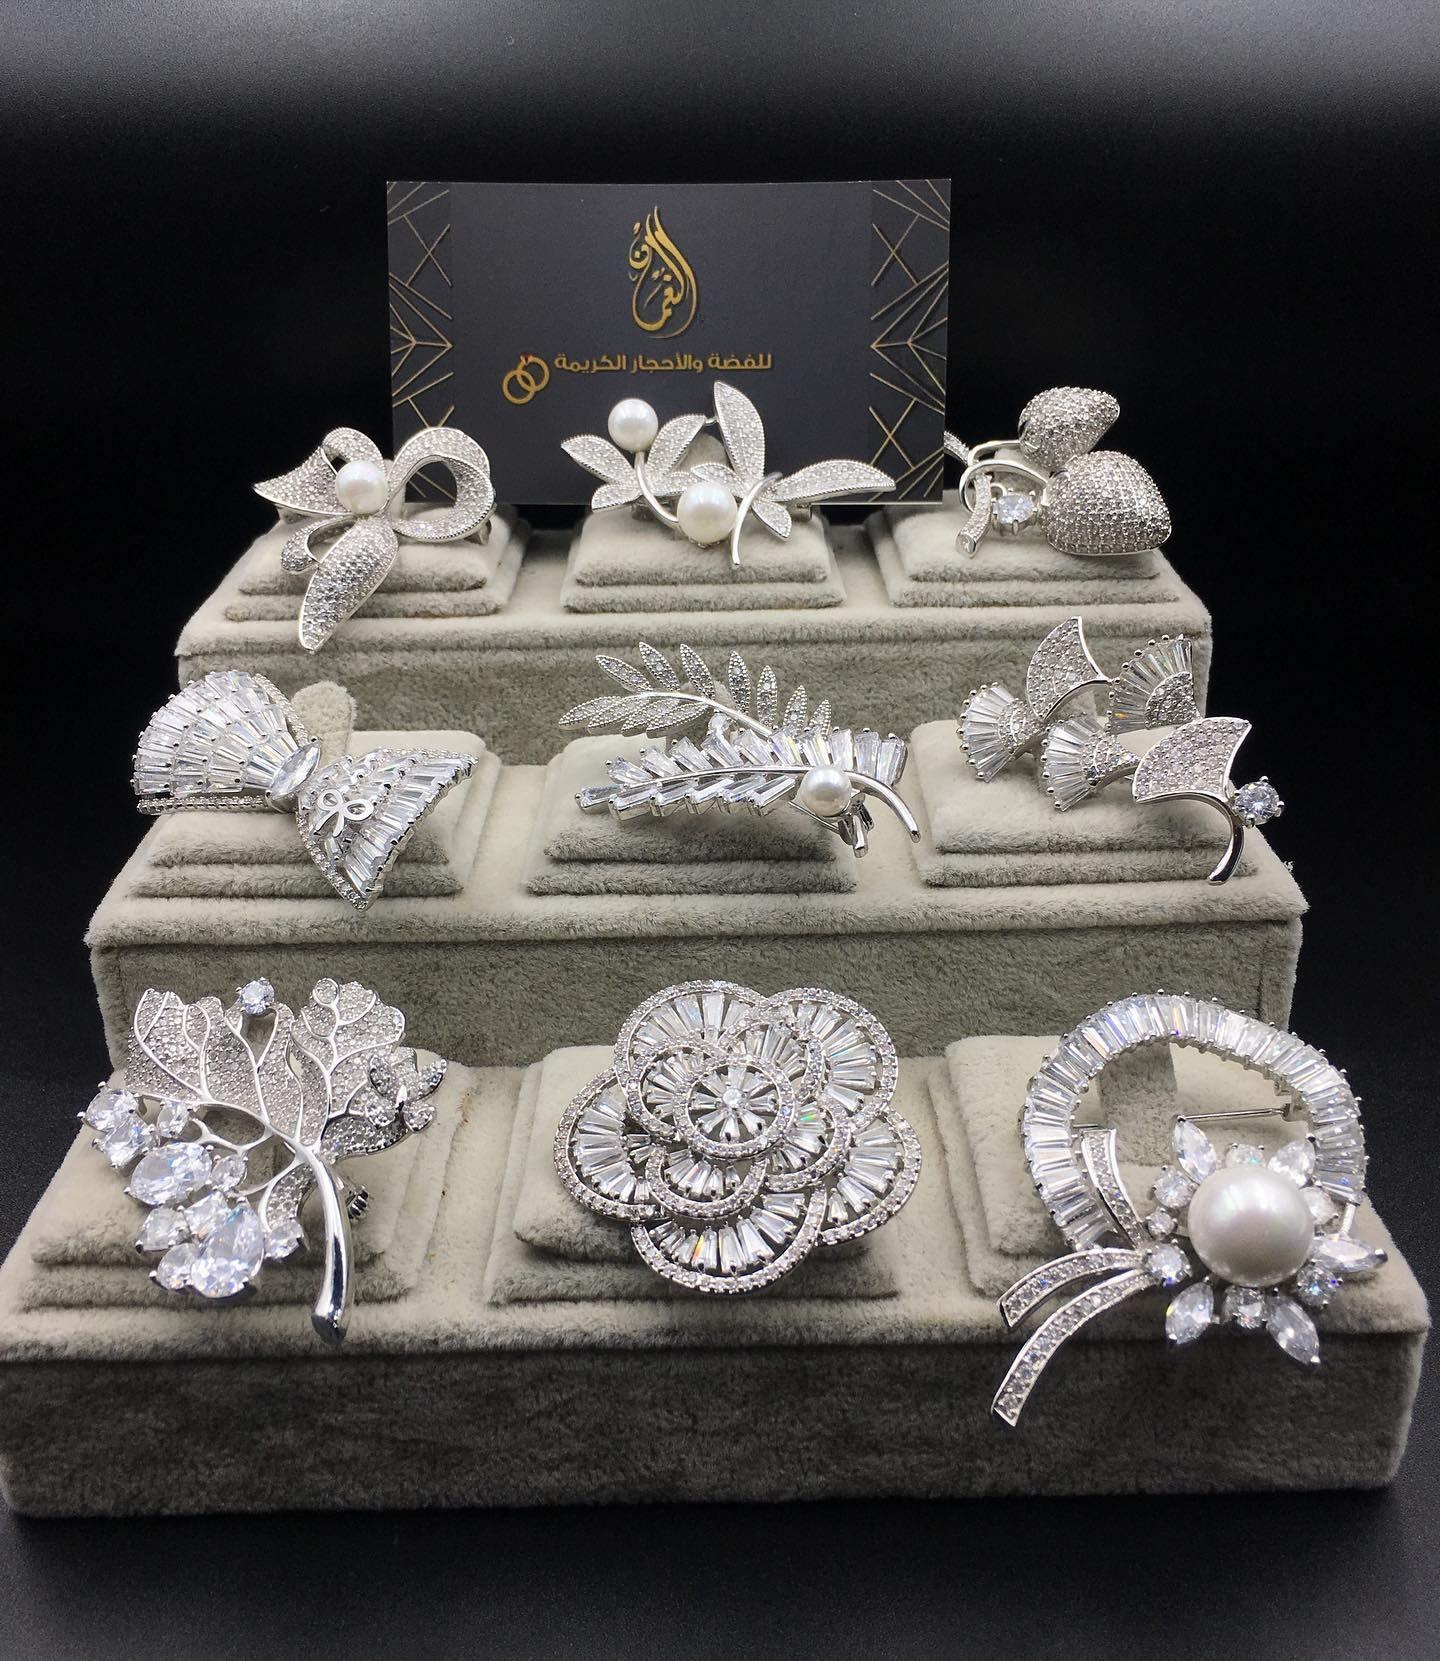 هدياء ست الحبايب خصم 35 بروشات ريديوم مرصعة بالزركون السويسري عن اي استفسار اضغط على رابط الوتساب Https Wa M Jewelry Crown Jewelry Decorative Boxes